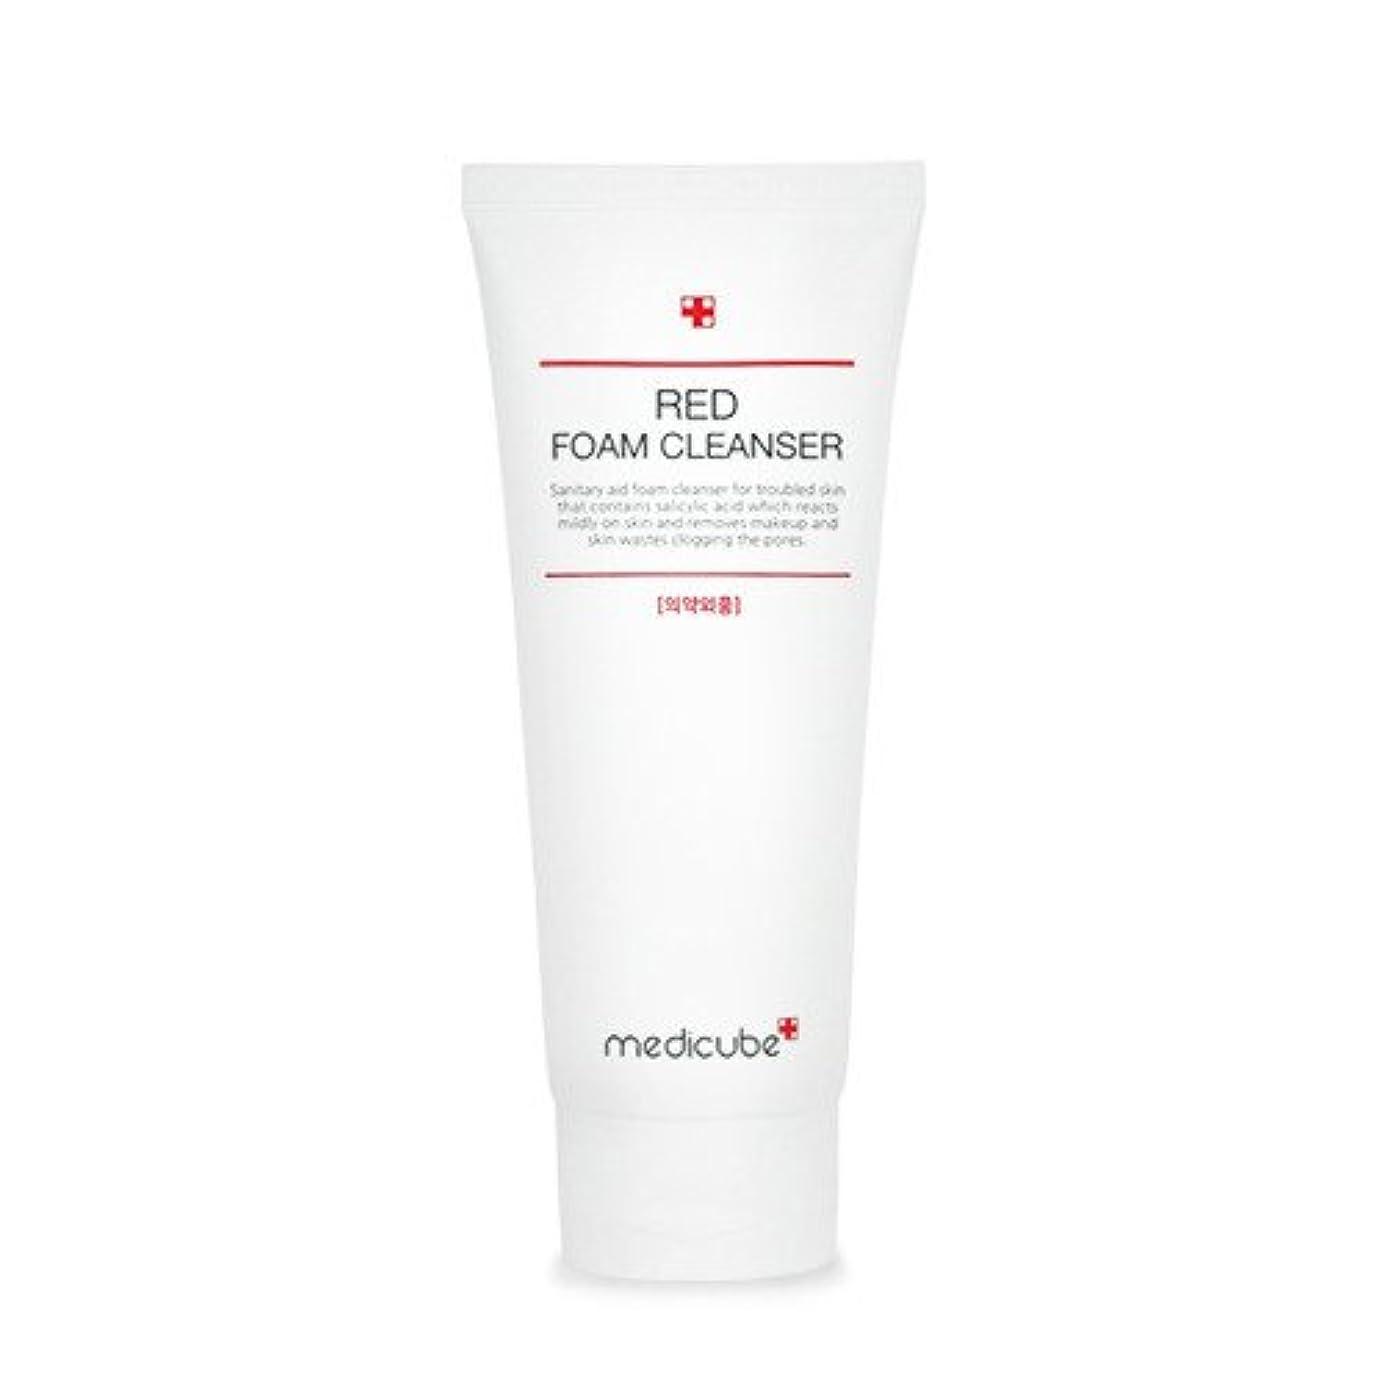 アラブ息子衝動[Medicube]Red Foam Cleanser 120ml / メディキューブレッドクレンジングフォーム / 正品?海外直送商品 [並行輸入品]